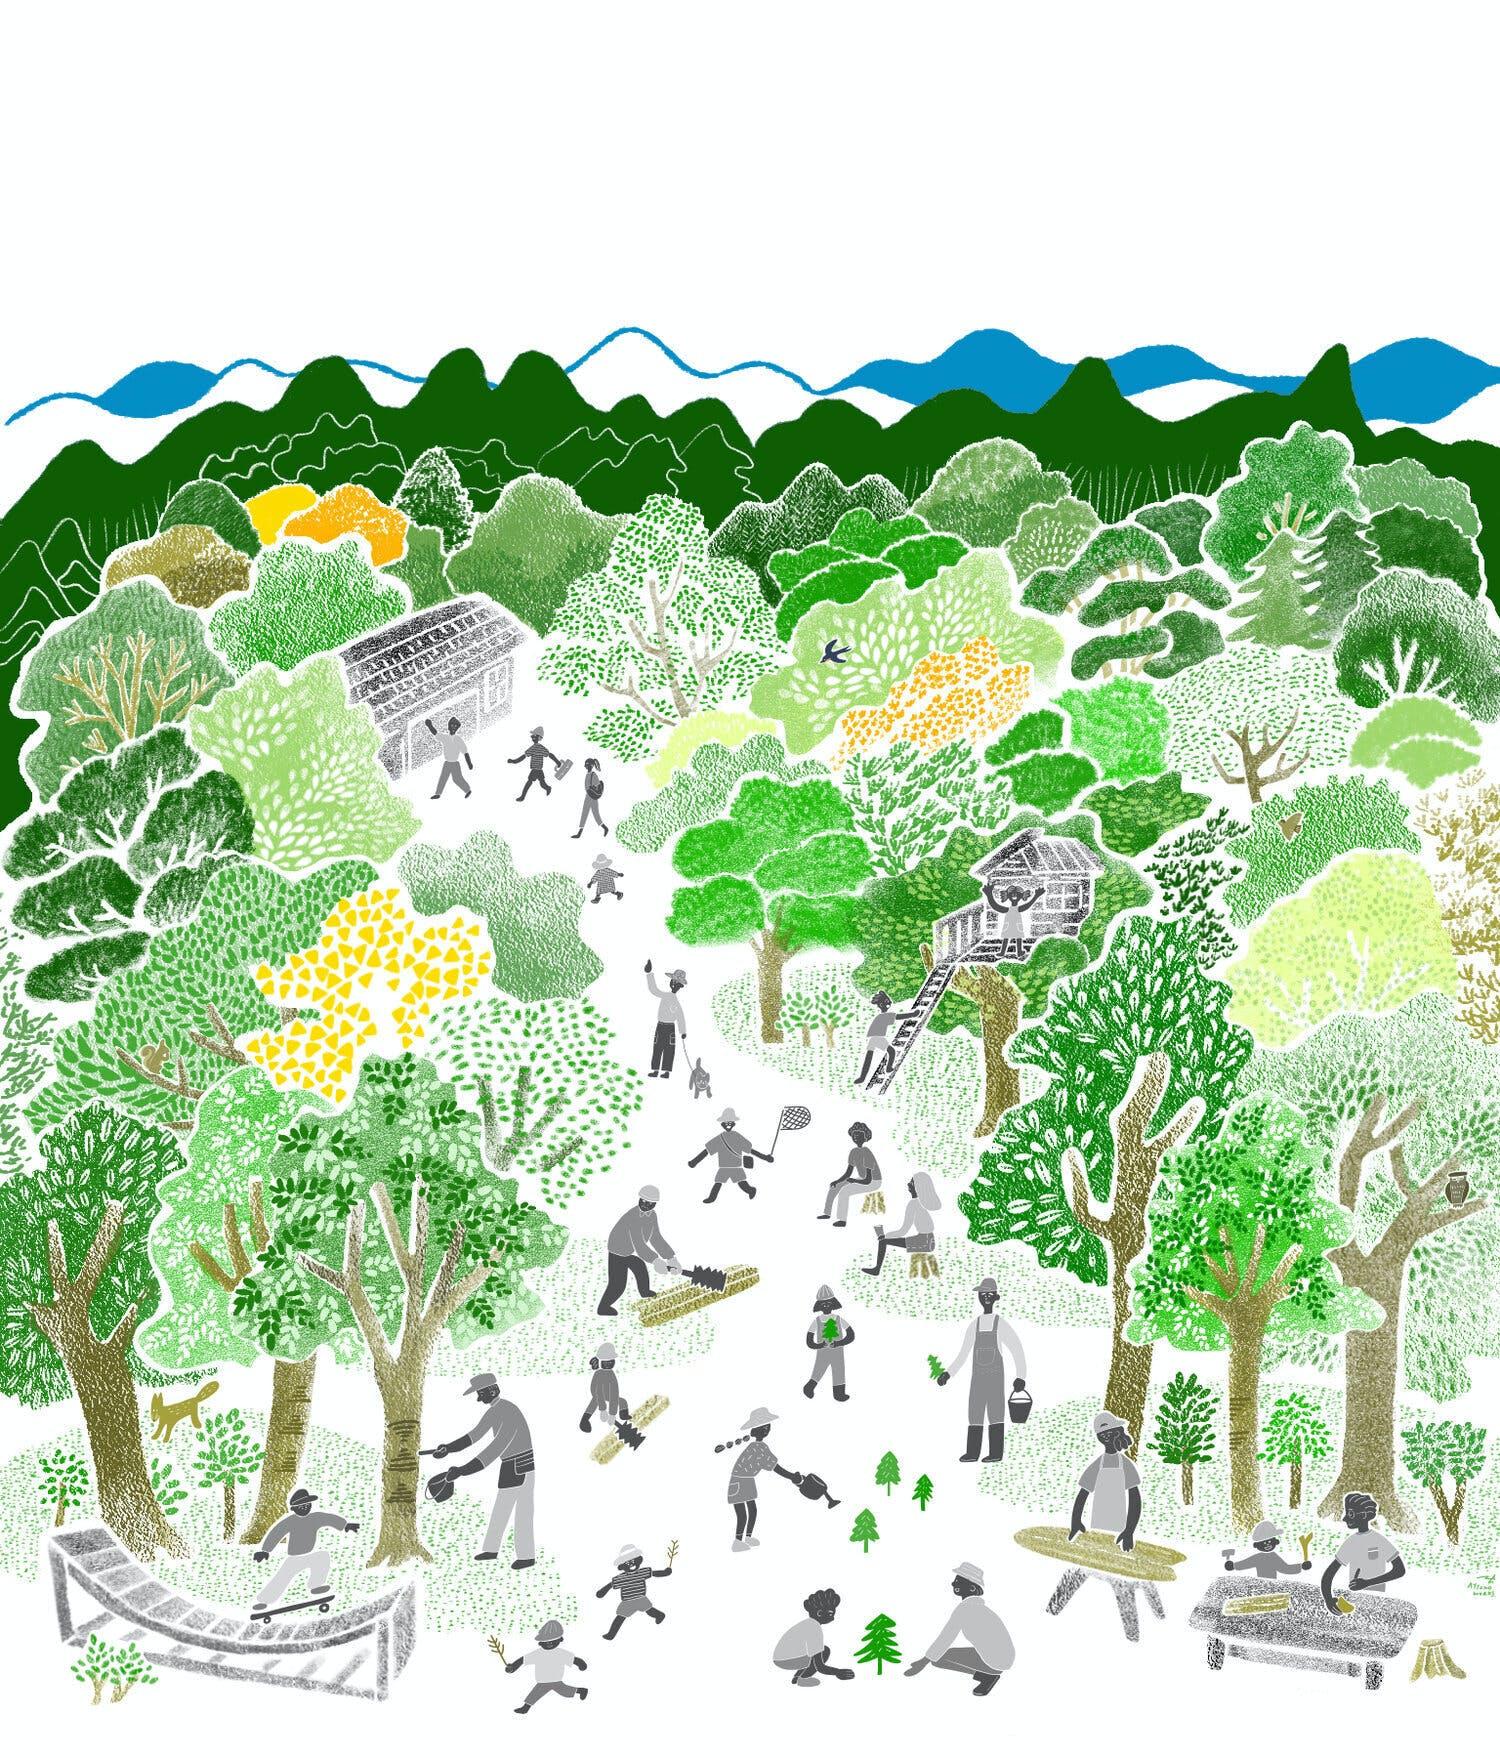 「工藝の森」イメージピクチャ by 森温